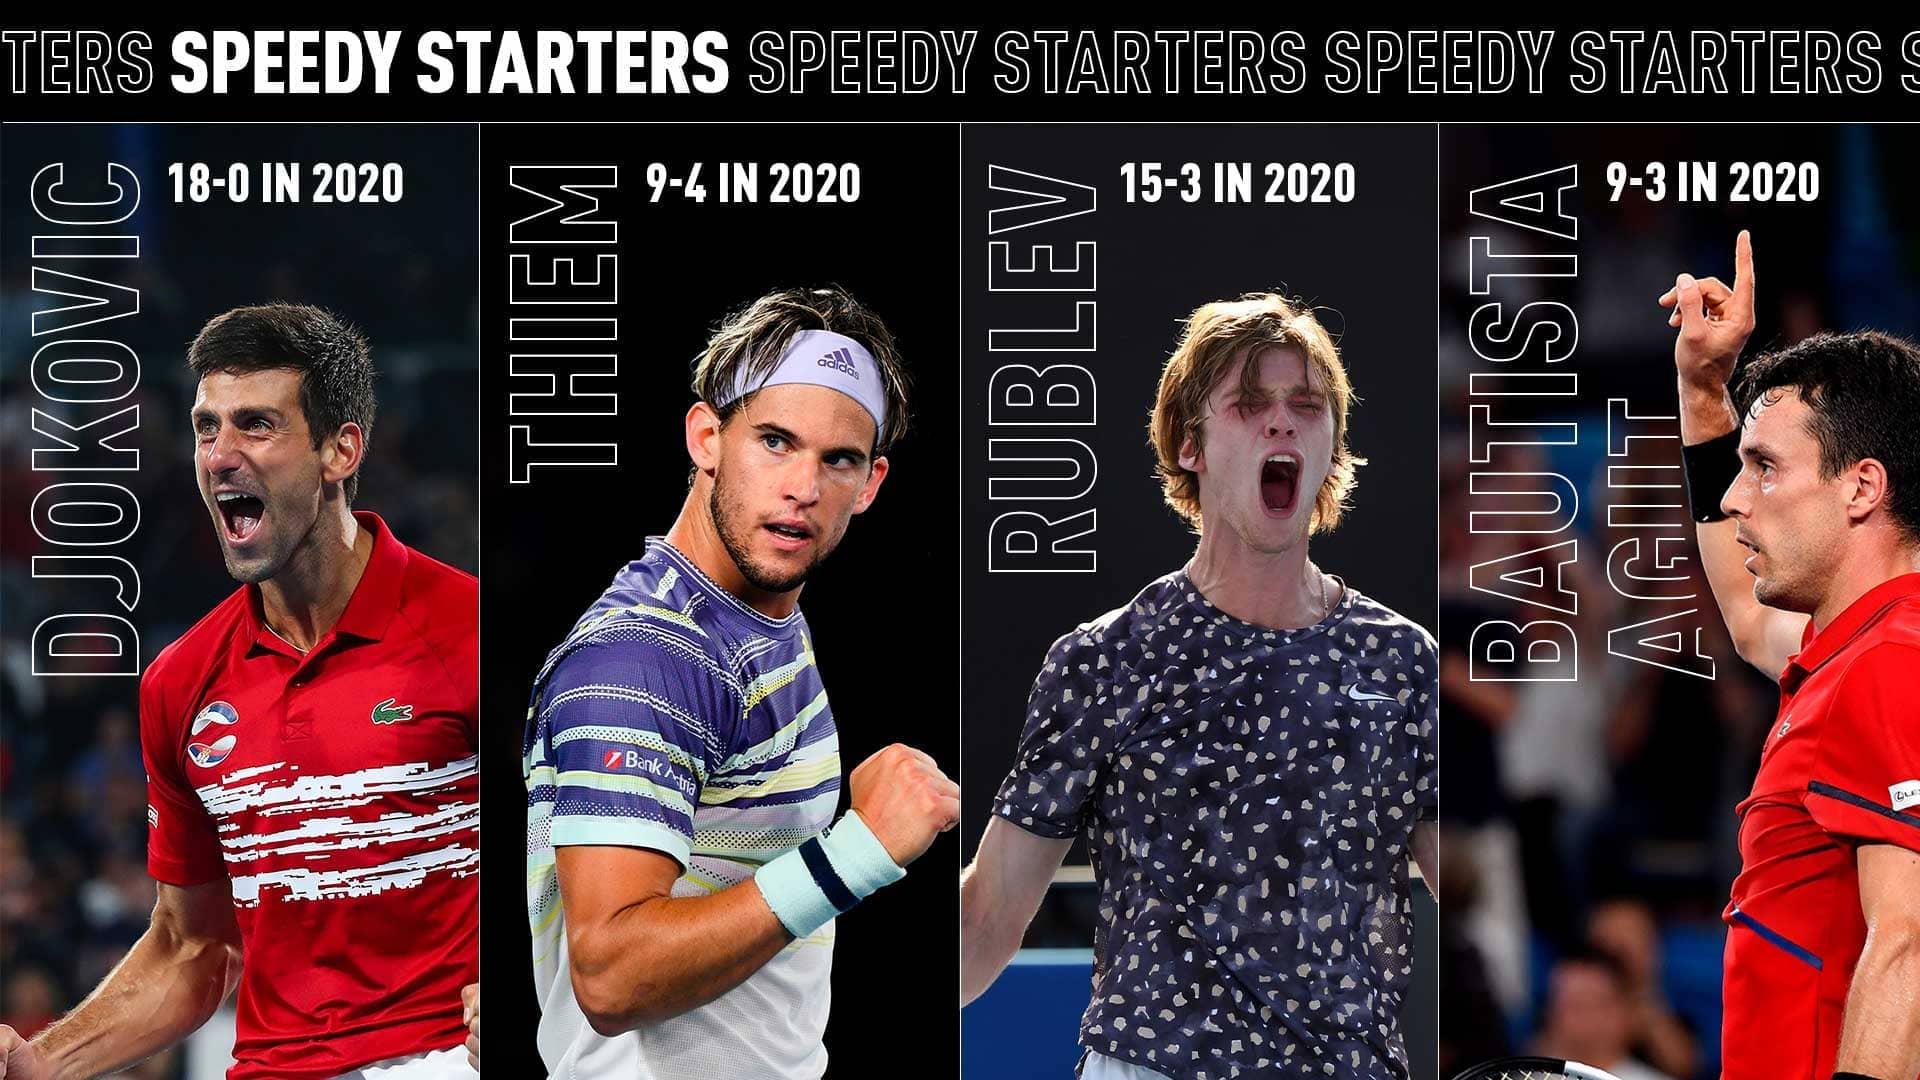 <a href='/en/players/novak-djokovic/d643/overview'>Novak Djokovic</a>, <a href='/en/players/dominic-thiem/tb69/overview'>Dominic Thiem</a>, <a href='/en/players/andrey-rublev/re44/overview'>Andrey Rublev</a> and <a href='/en/players/roberto-bautista-agut/bd06/overview'>Roberto Bautista Agut</a> made strong starts to the 2020 ATP Tour season.